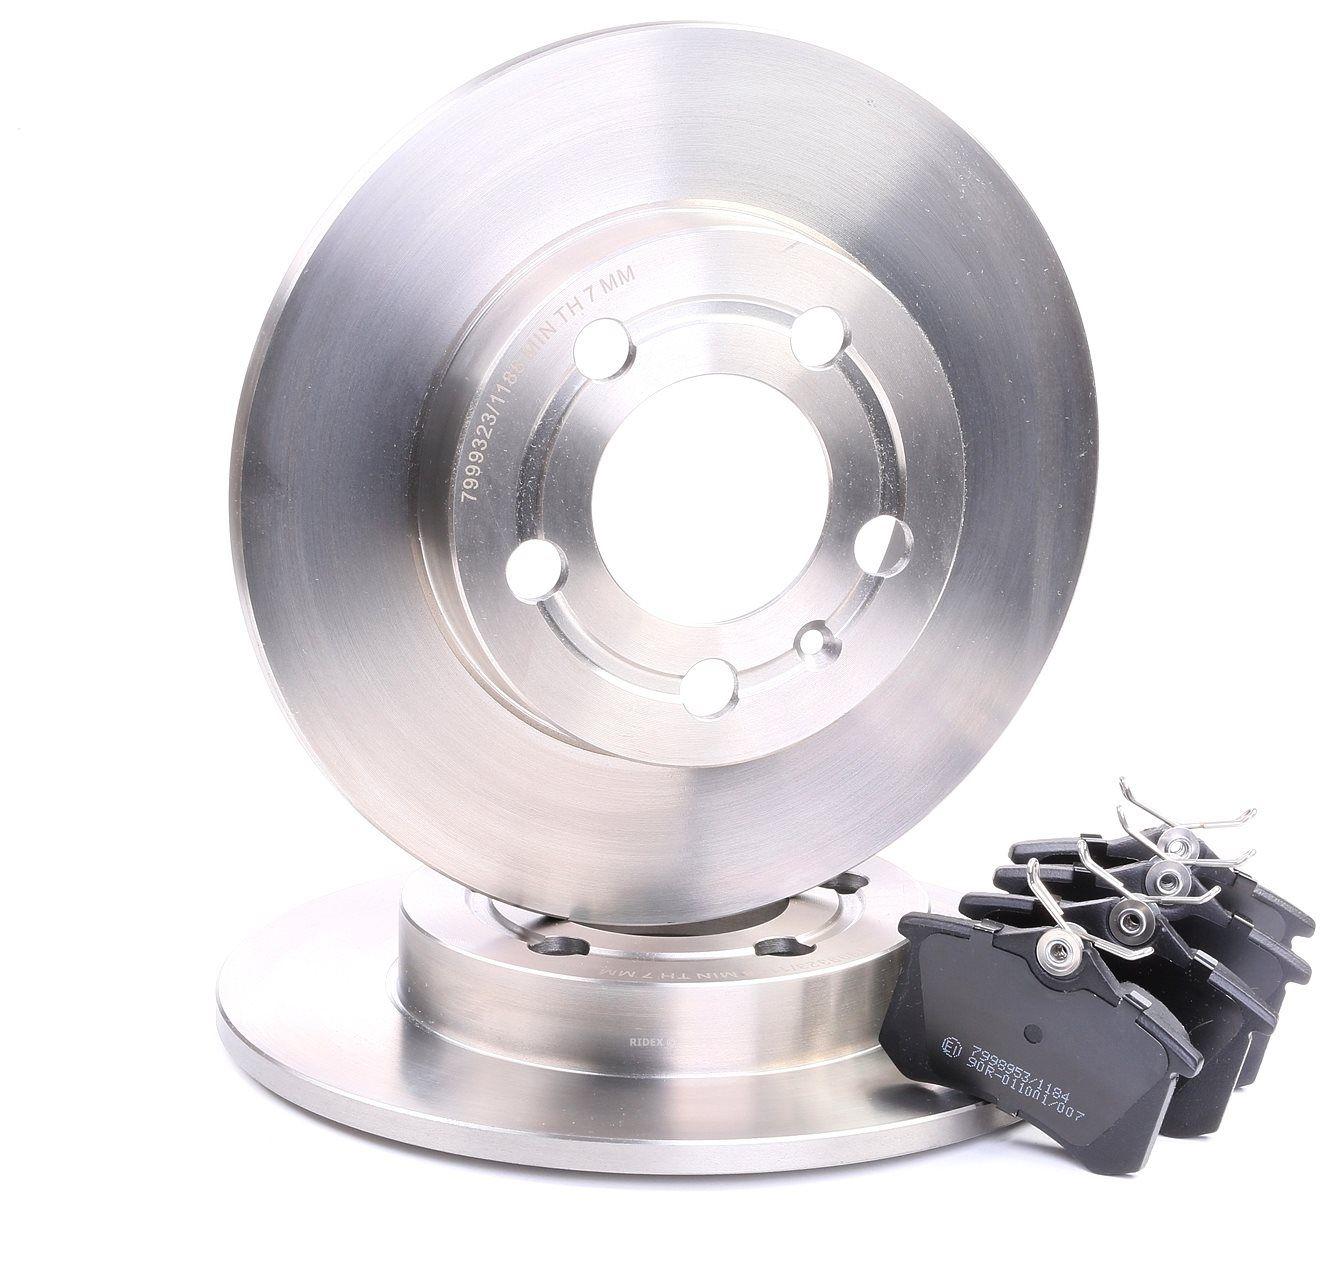 RIDEX: Original Bremsscheiben und Klötze 3405B0288 (Bremsscheibendicke: 9mm)